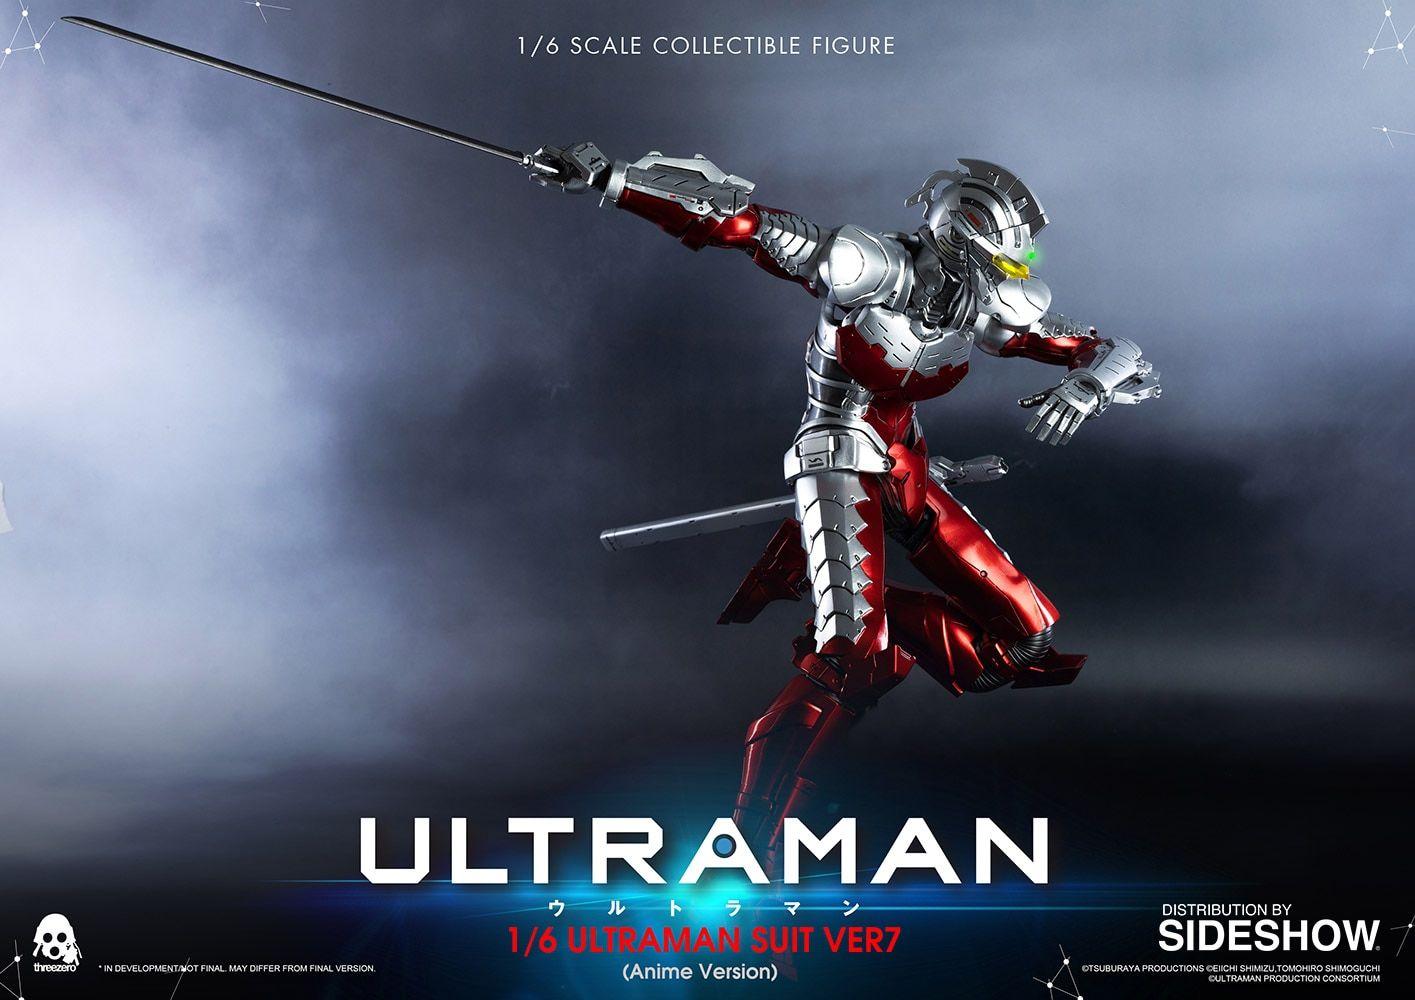 Ultraman Suit Ver7 (Anime Version) Sixth Scale Figure